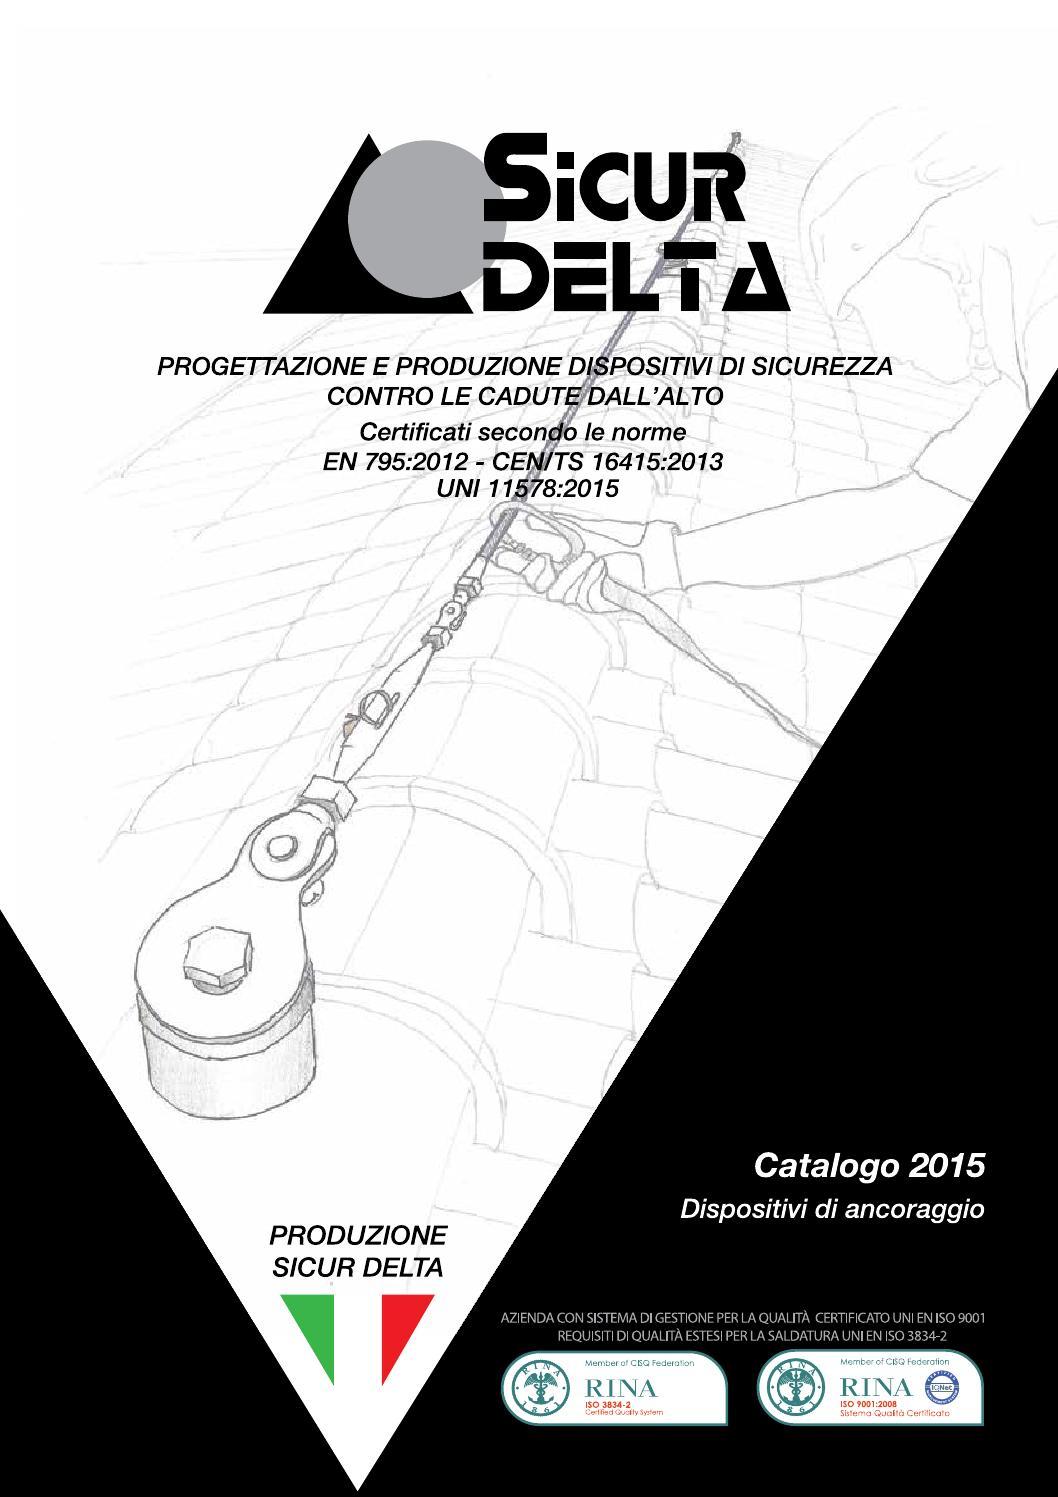 Sicur delta srl by issuu for Sicur delta